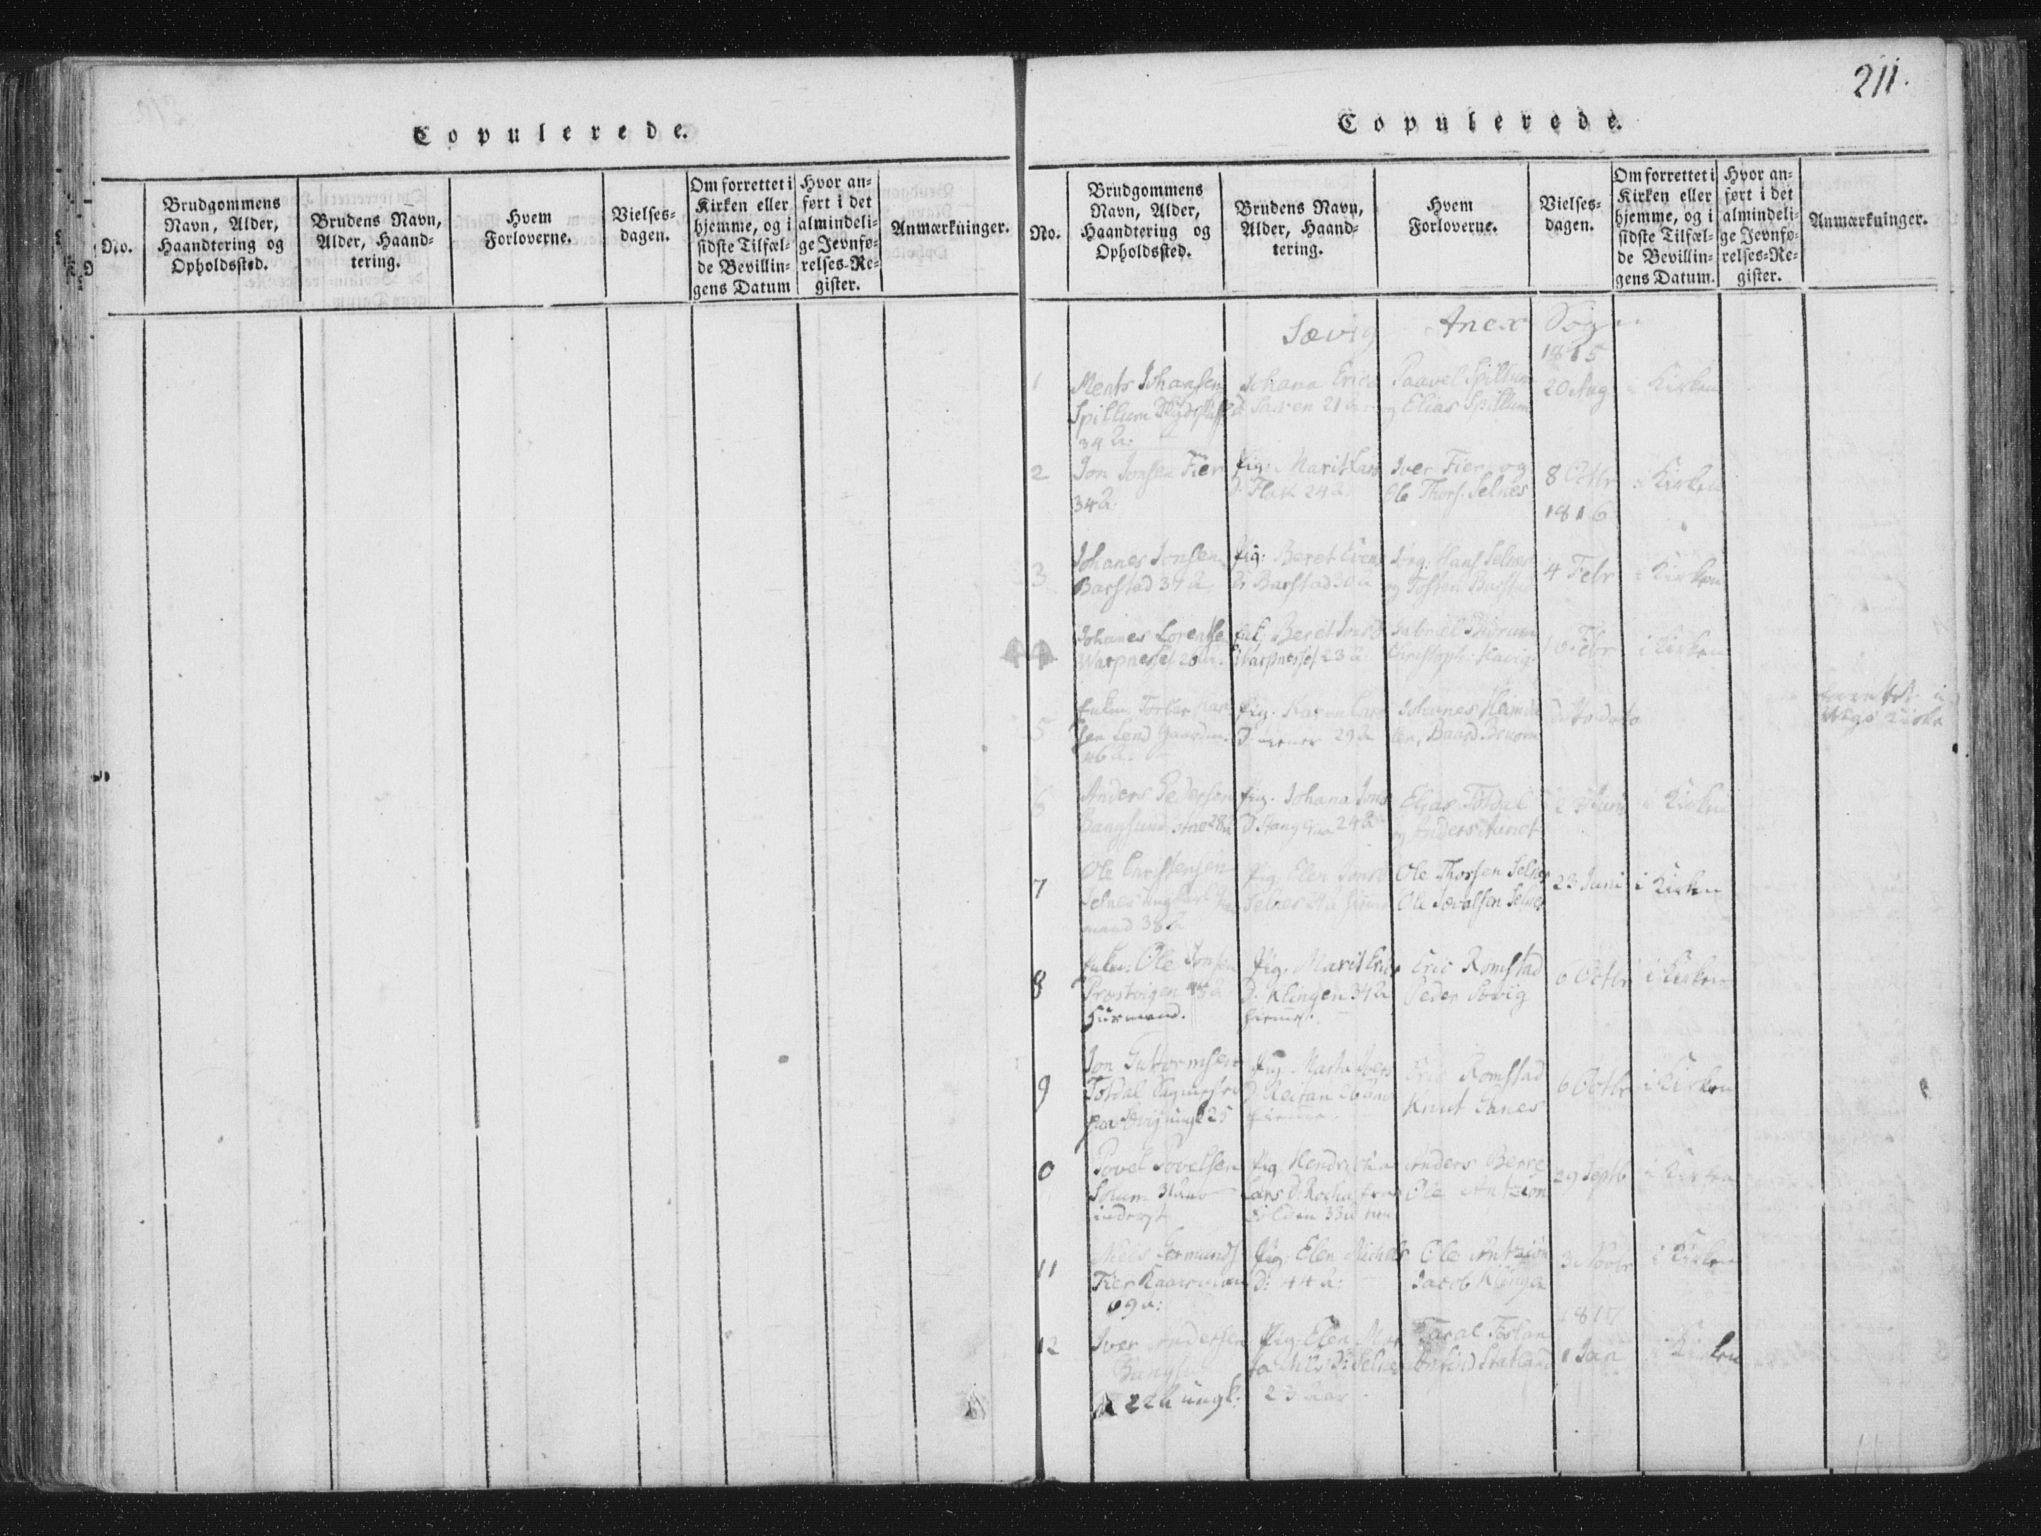 SAT, Ministerialprotokoller, klokkerbøker og fødselsregistre - Nord-Trøndelag, 773/L0609: Ministerialbok nr. 773A03 /4, 1815-1818, s. 211